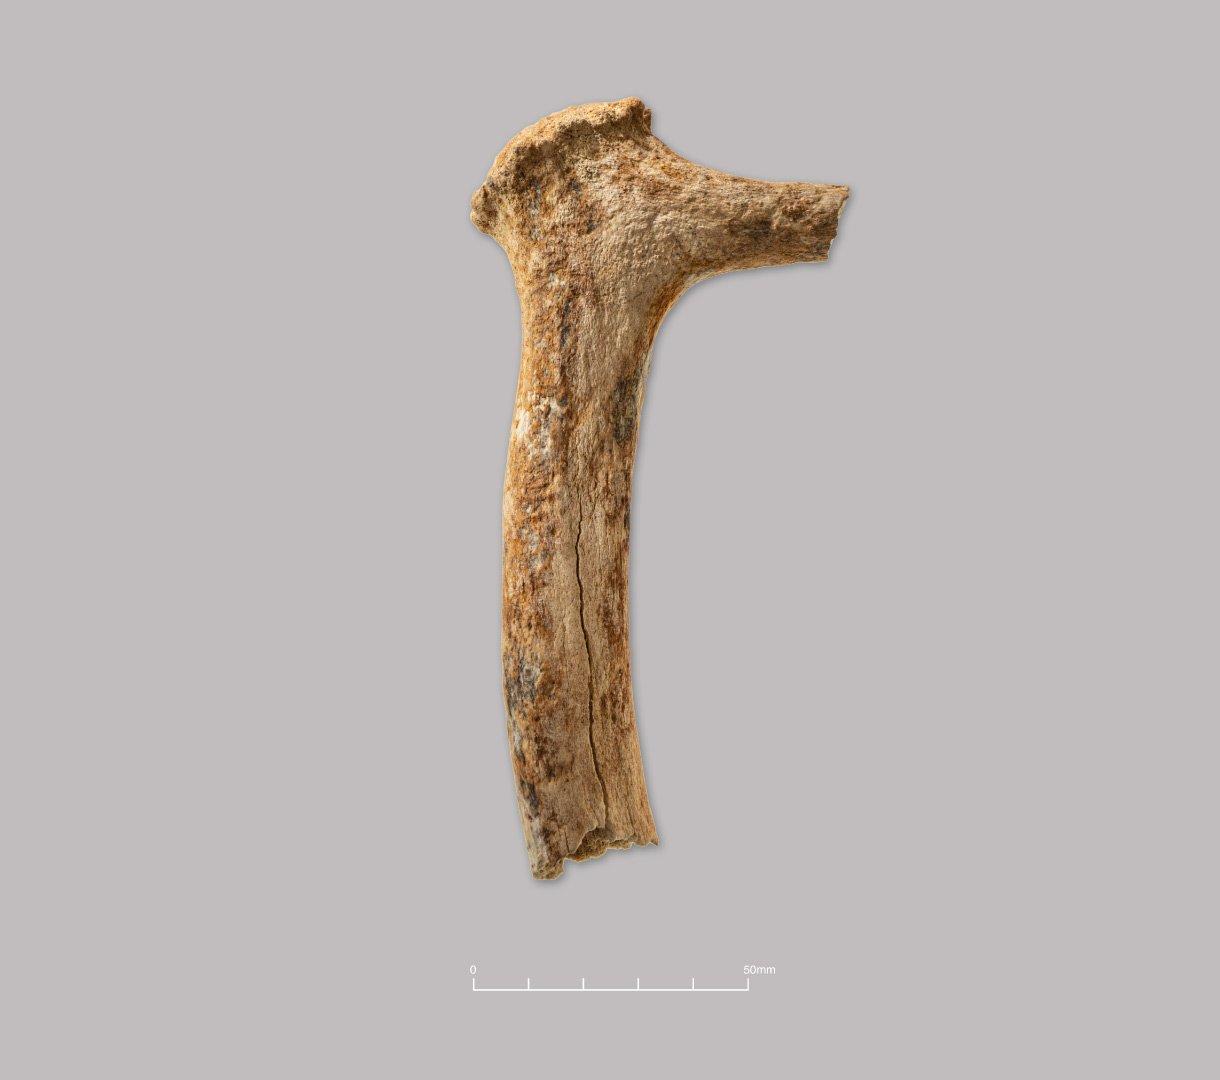 Red deer antler (pick fragment?). Probably prehistoric.